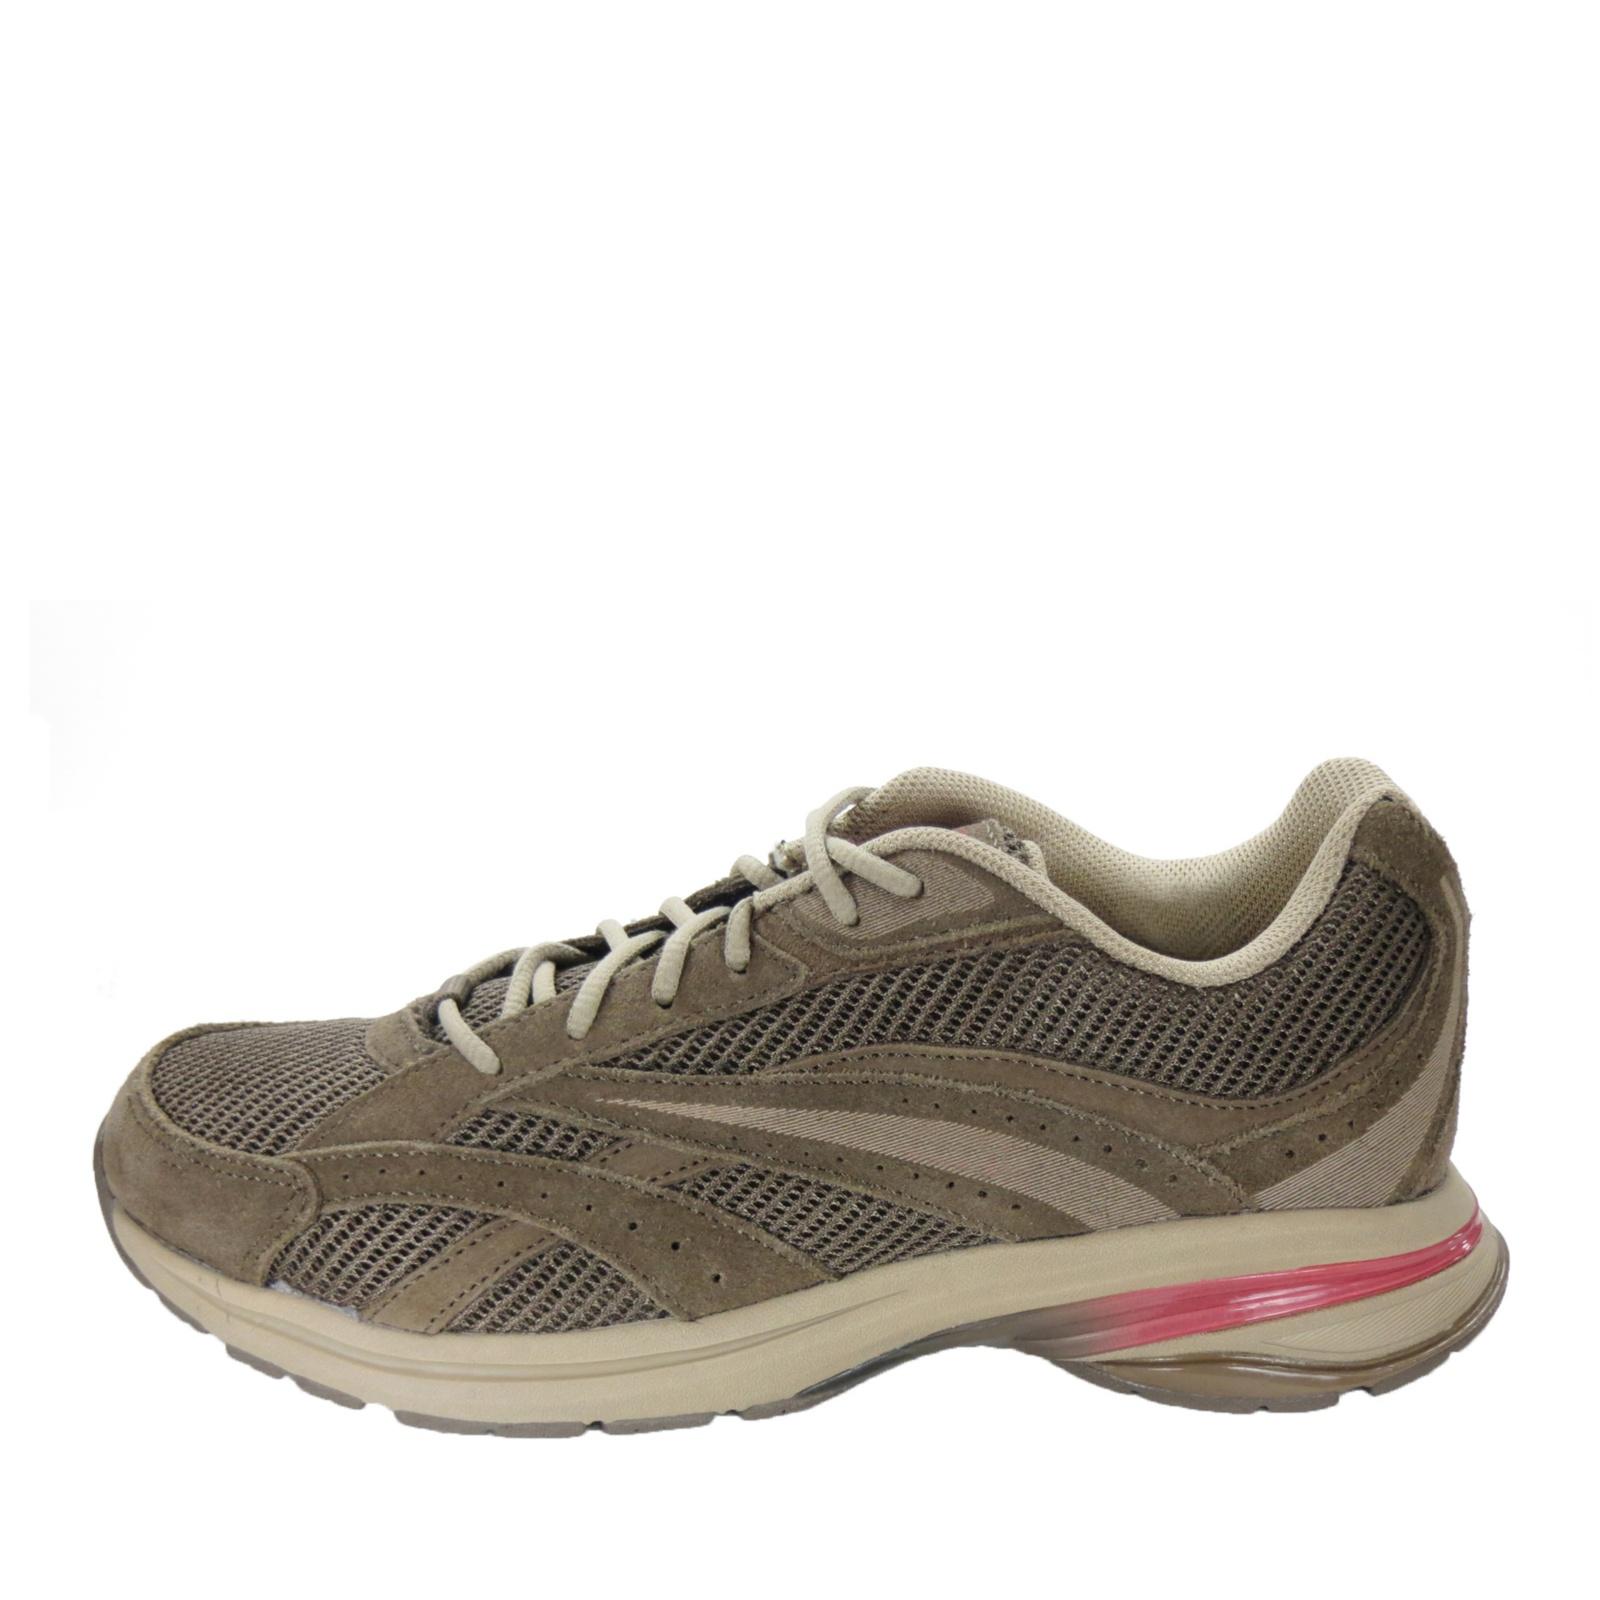 ryka radiant plus walking shoe